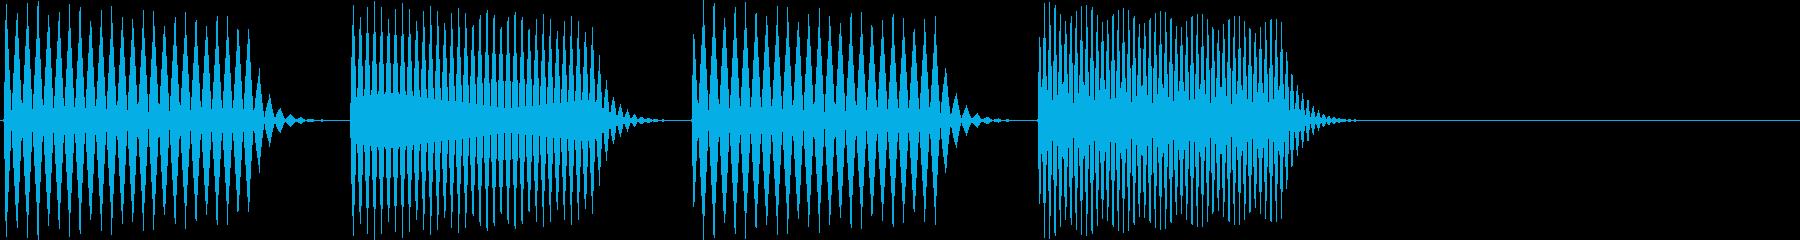 ピロリロ(決定、表示、ヒント)の再生済みの波形